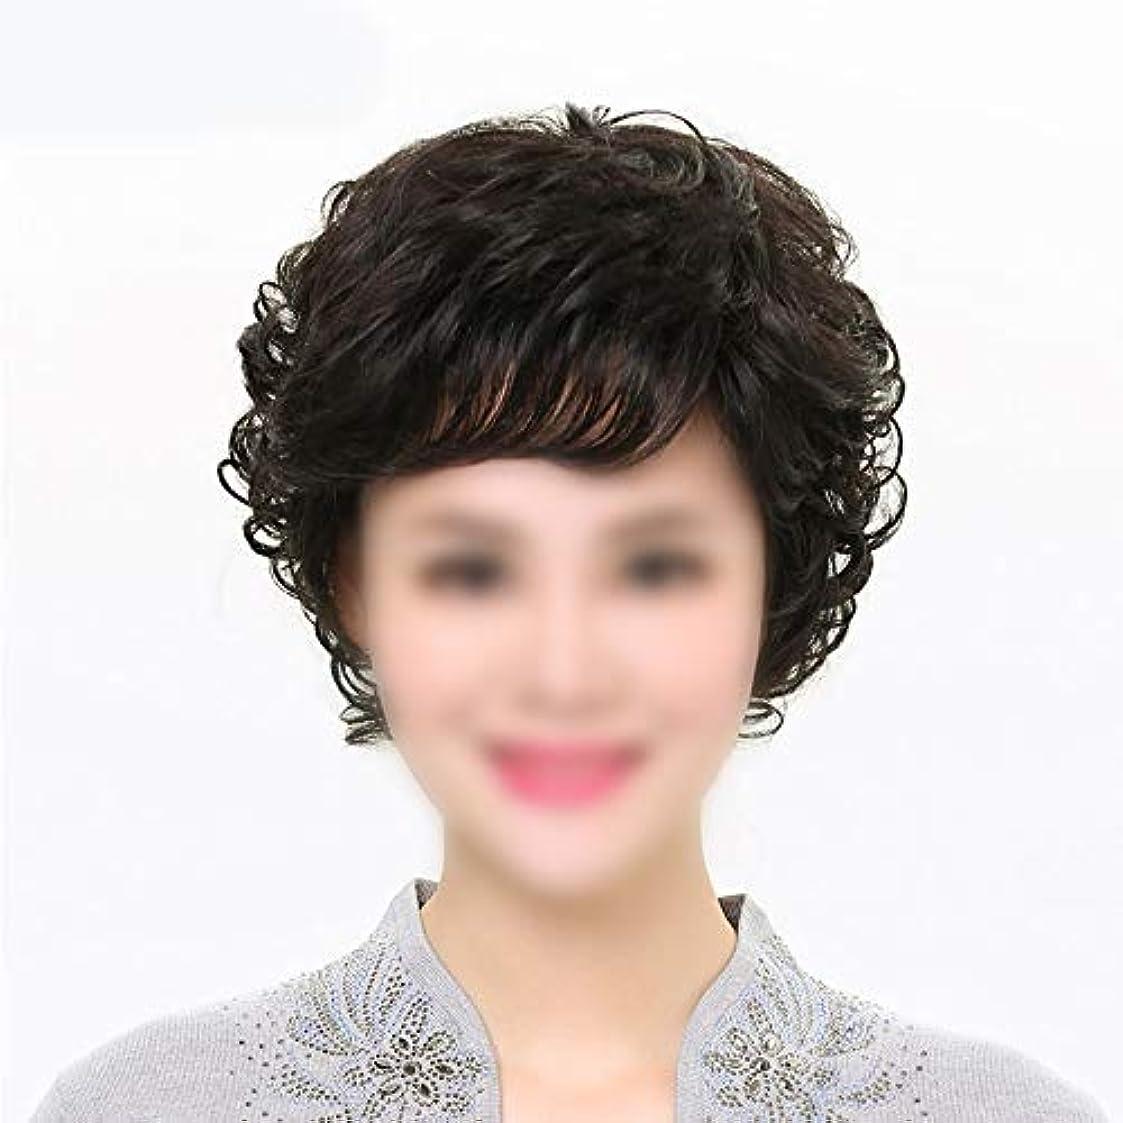 オーナー不快などっちでもYOUQIU 母ヘアウィッグ中年ウィッグウィッグのために前髪を持つ女性の本当の髪のショートカーリーヘア (色 : 黒, Edition : Mechanism)